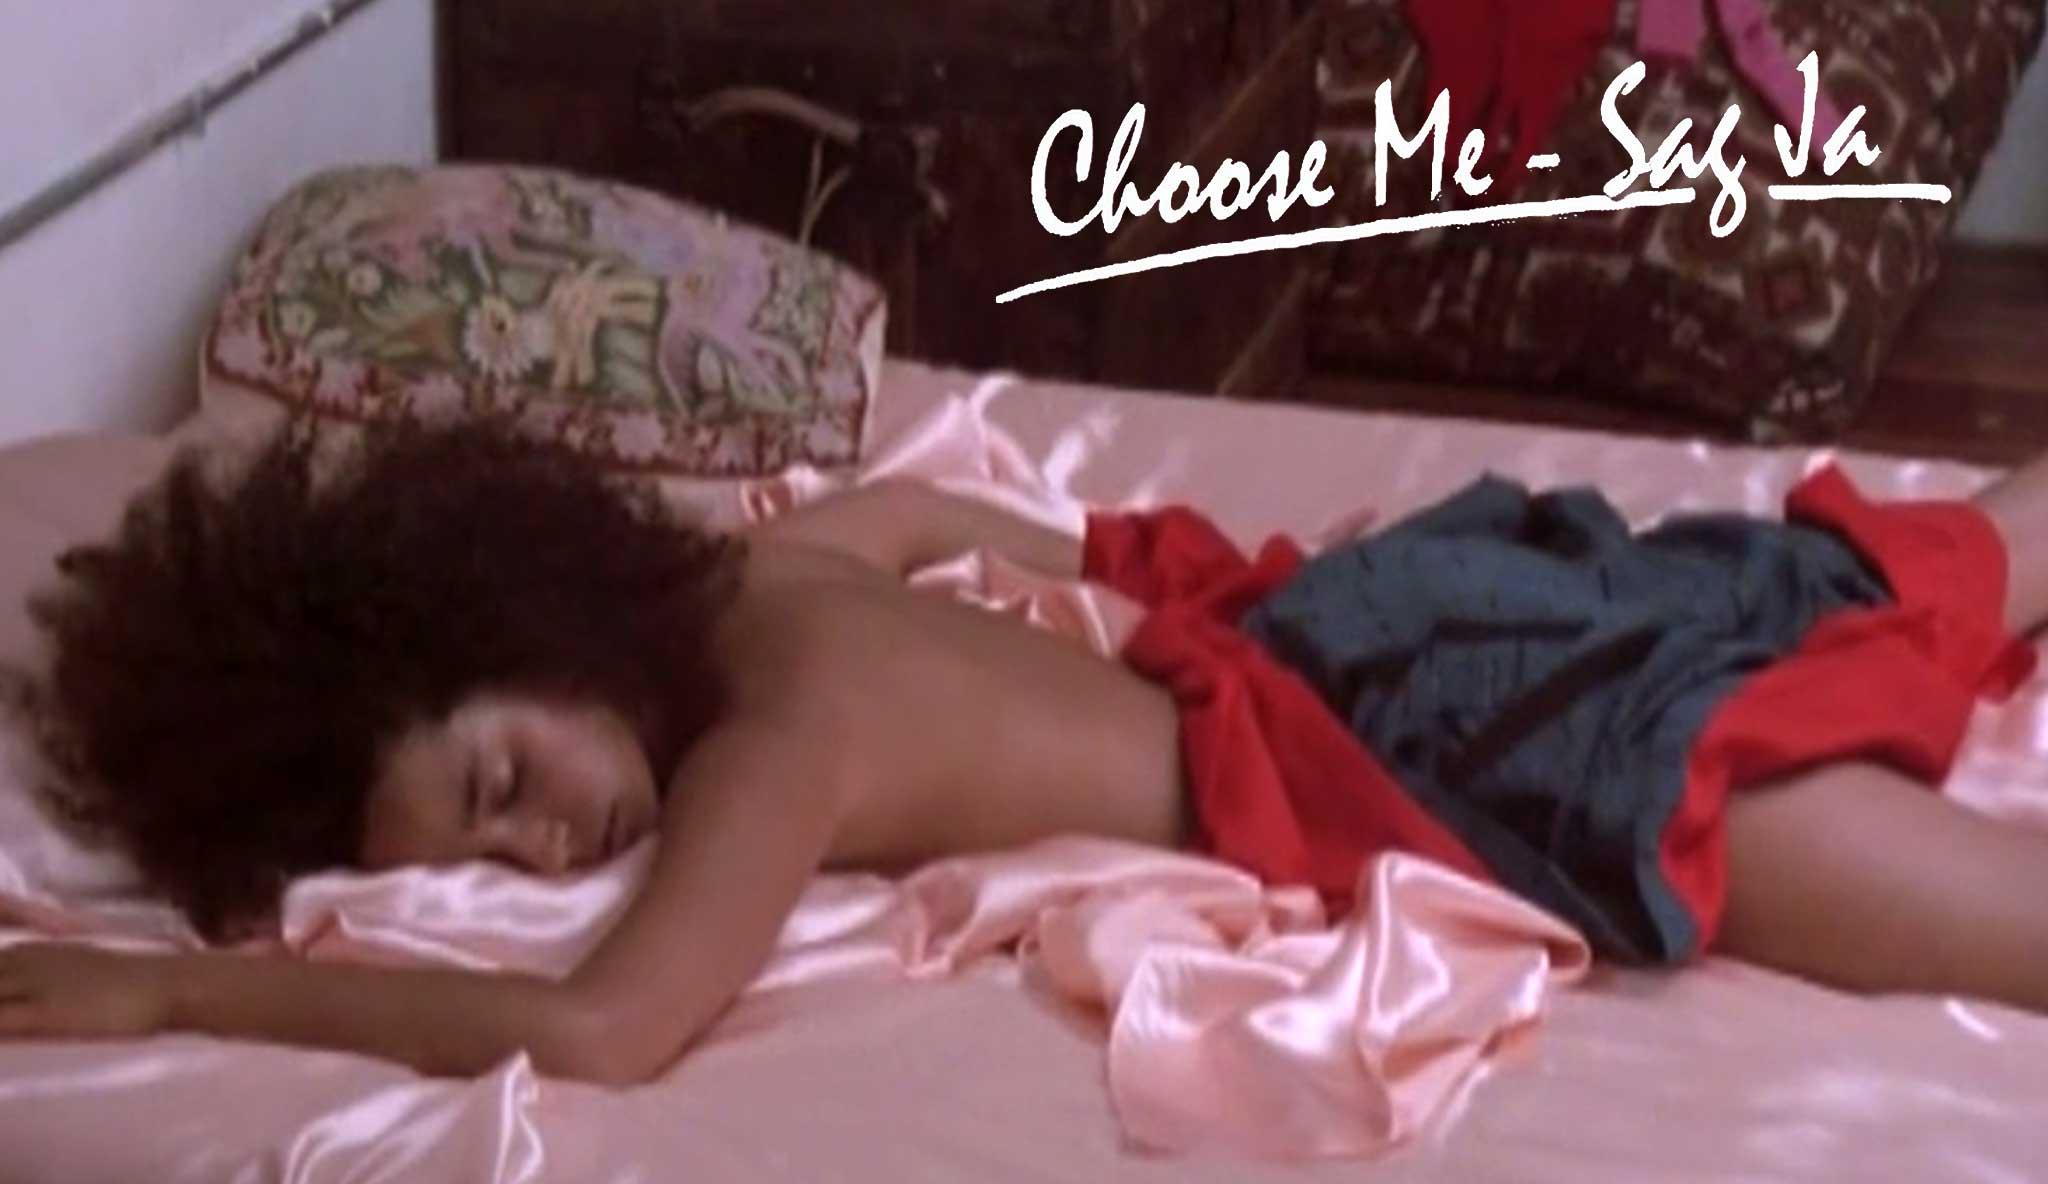 choose-me-sag-ja\header.jpg